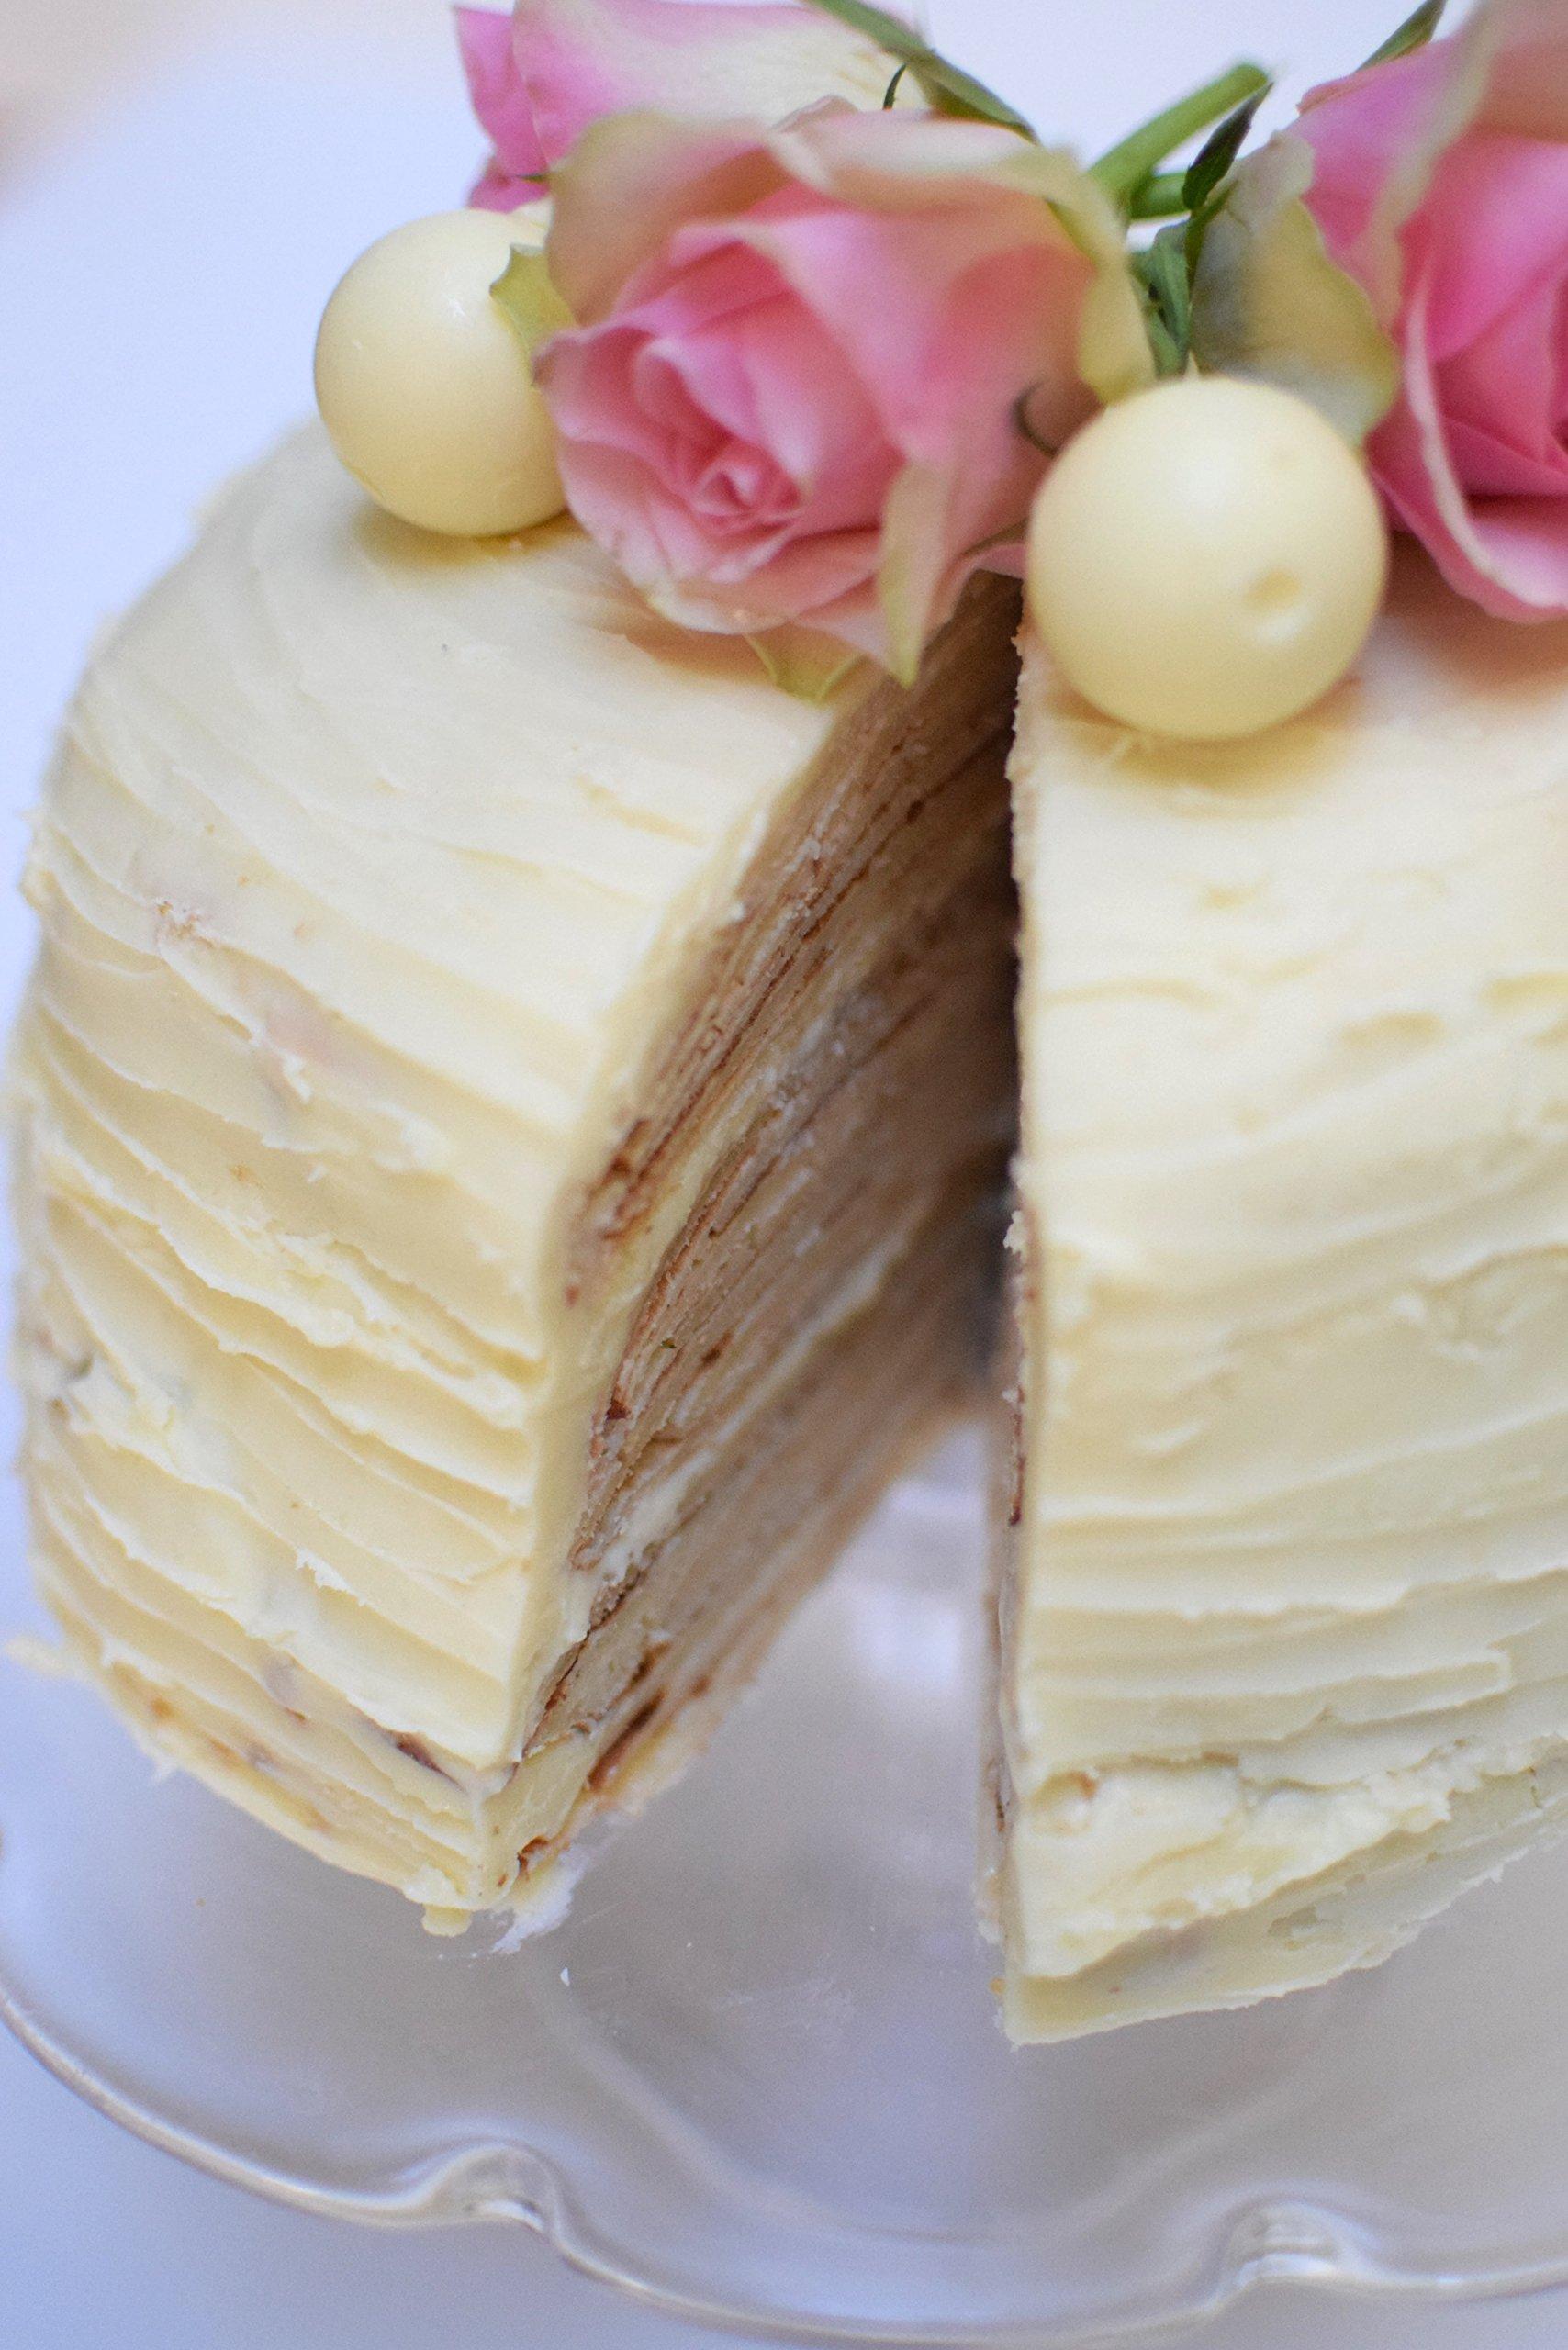 Tala 10A10699 Non Stick 9'' Diameter Round Sandwich Cake Pan, Black